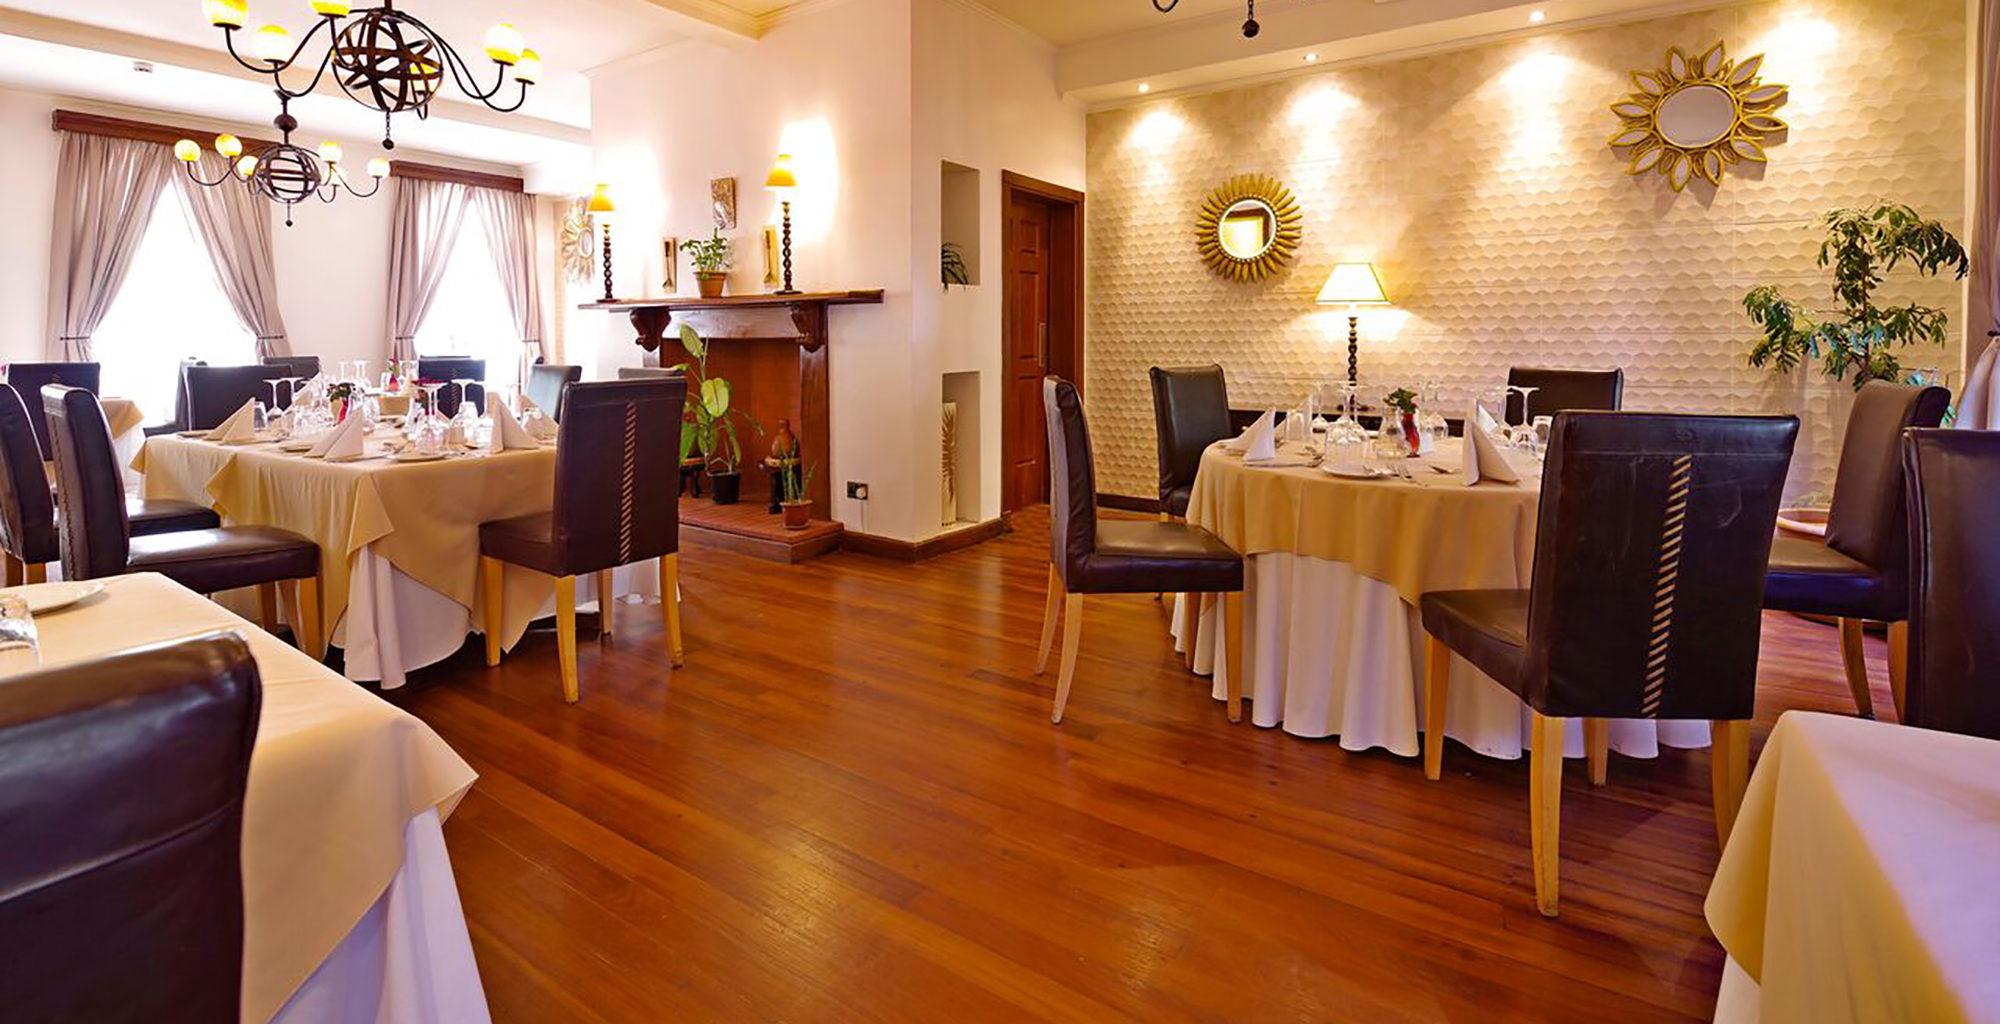 Kenya-House-of-Waine-Dining